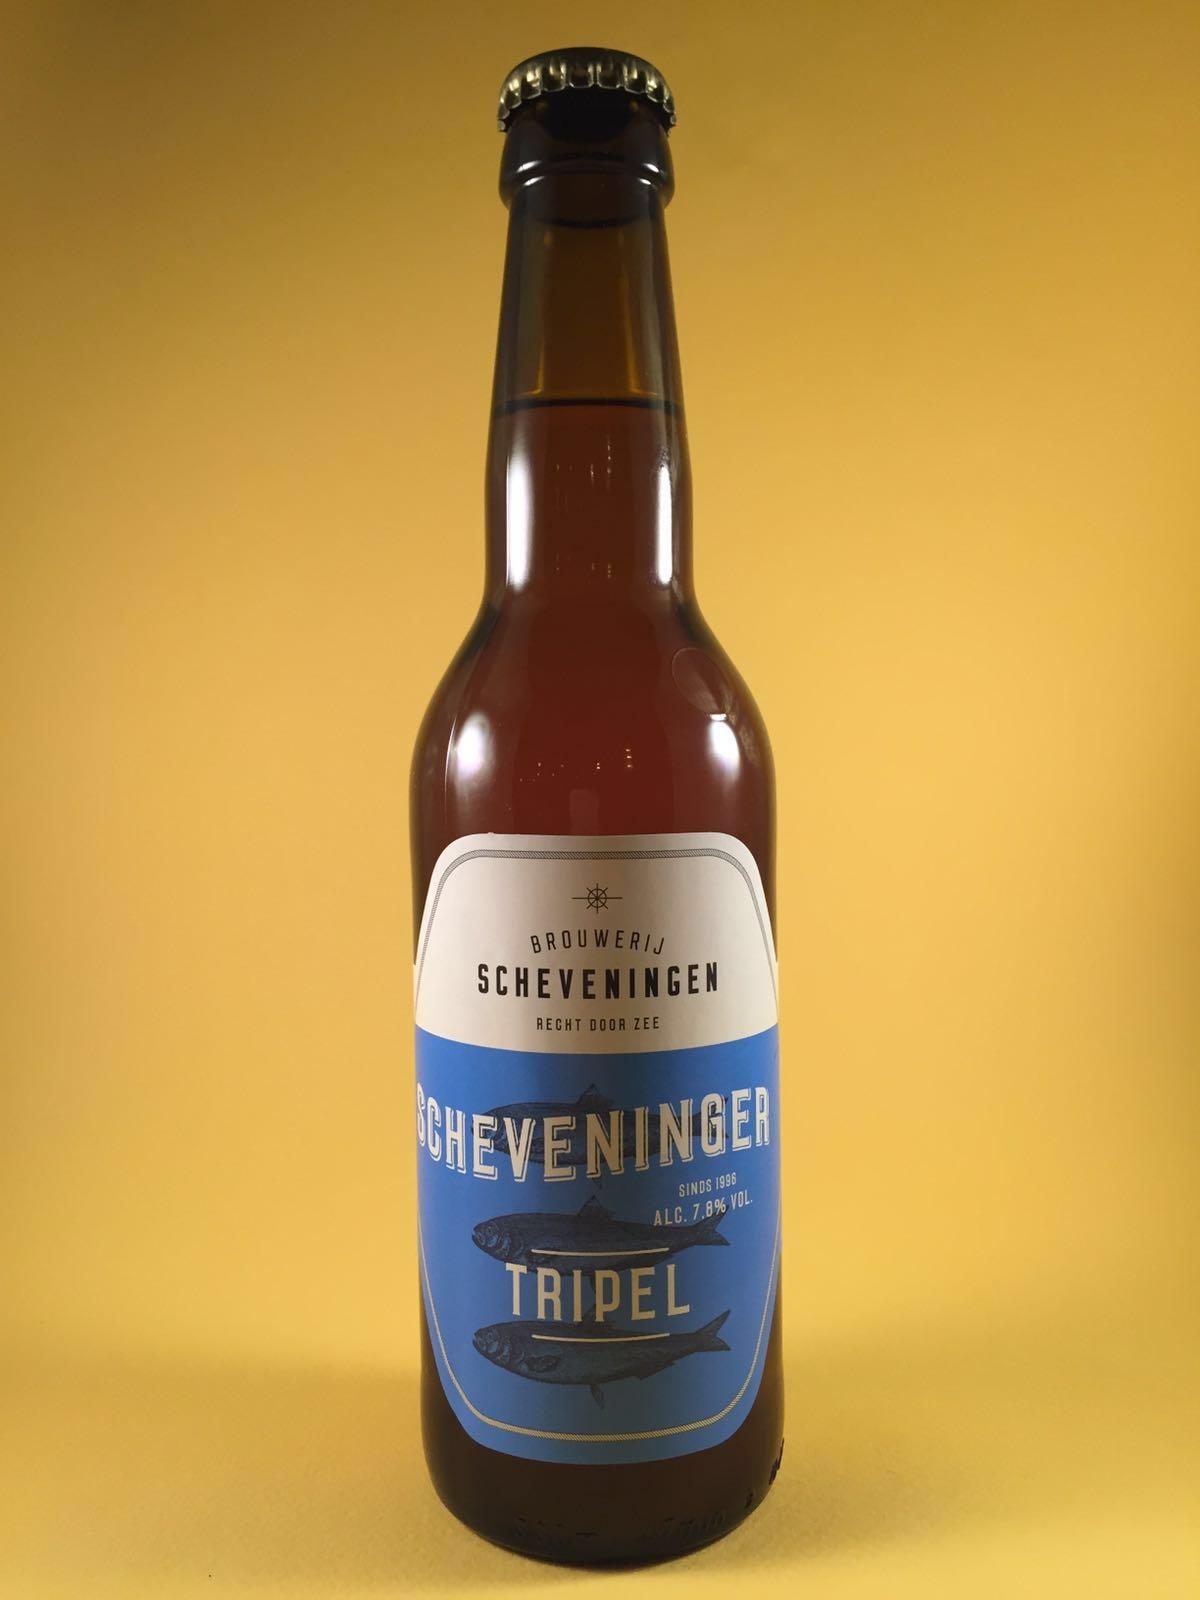 Scheveninger Tripel Herkomst: Scheveningen, Nederland. Dit goudgeel biertje is een echte tripel. Volle smaak die ook lekker blijft hangen. Door dry-hoppingmethode toe te passen heeft het bier een volle aroma van tropisch fruit. Het bier heeft een alcoholpercentage van 7,8% en een serveertemperatuur van 10 graden